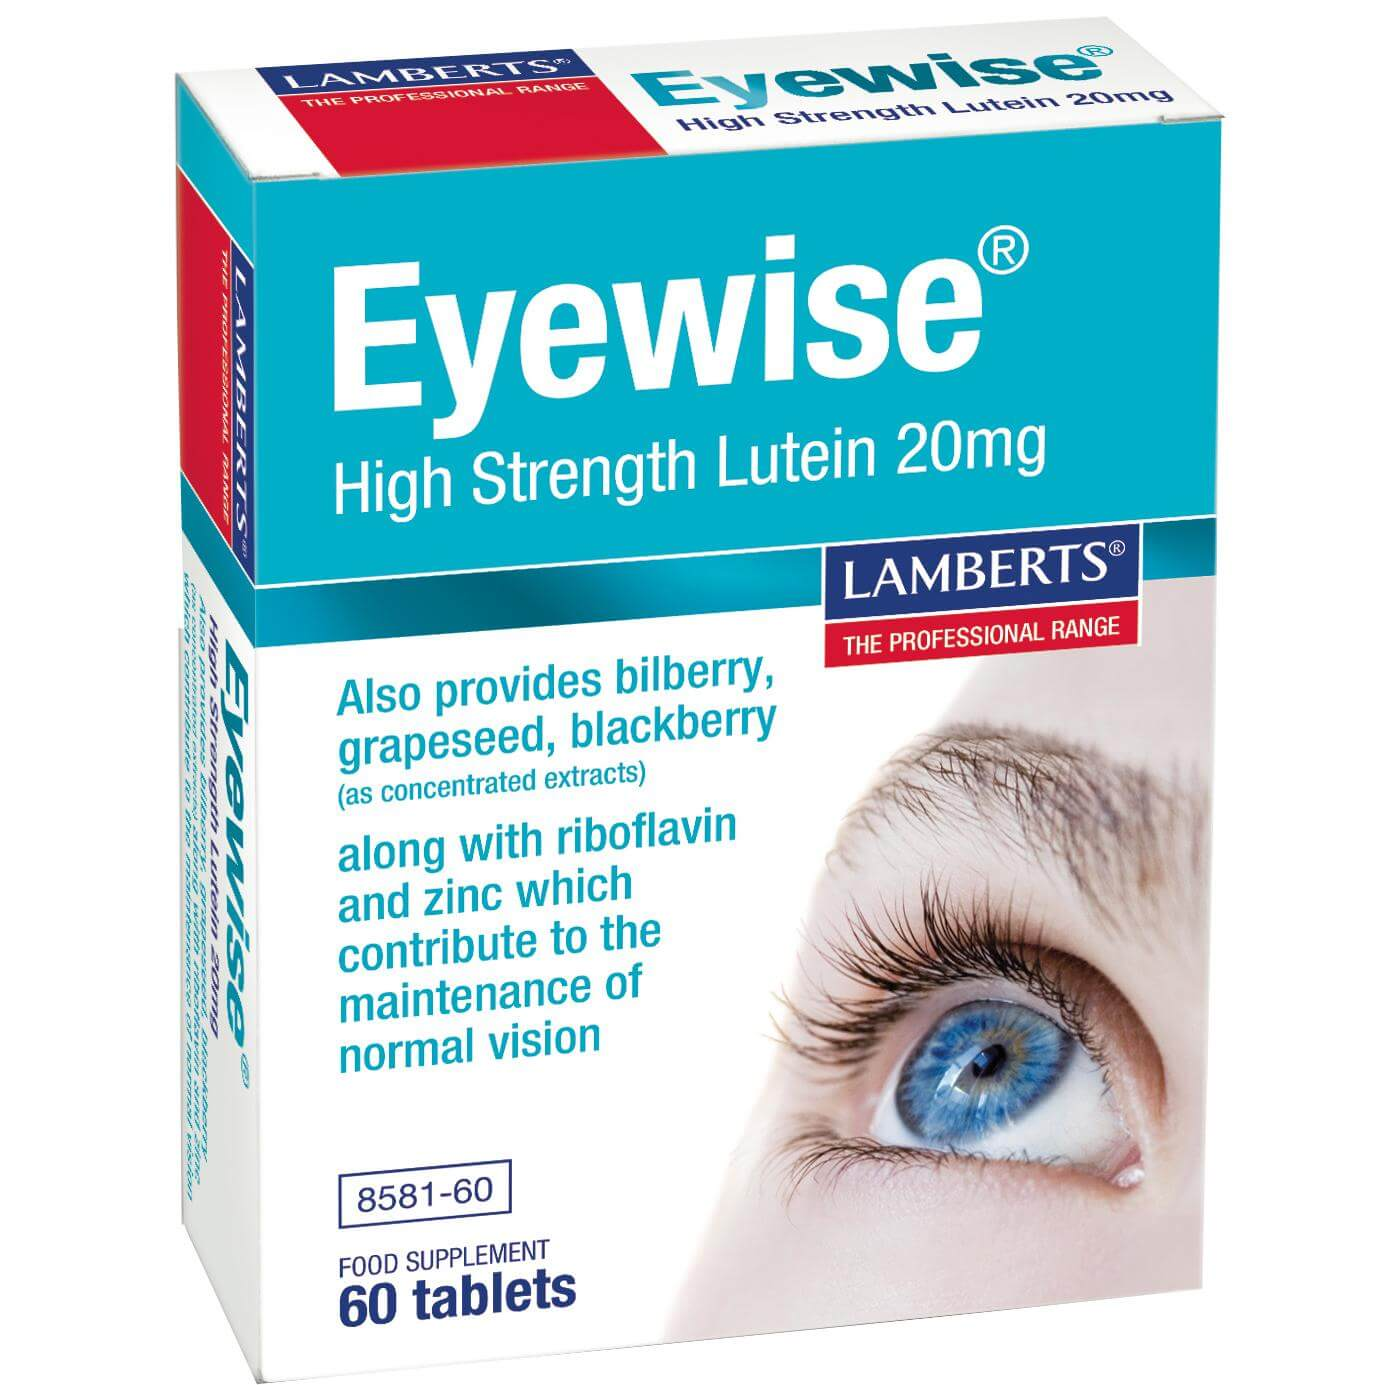 Lamberts Eyewise High Strength Lutein Συμπλήρωμα Διατροφής για τη Διατήρηση της Φυσιολογικής Όρασης 200mg 60tabs